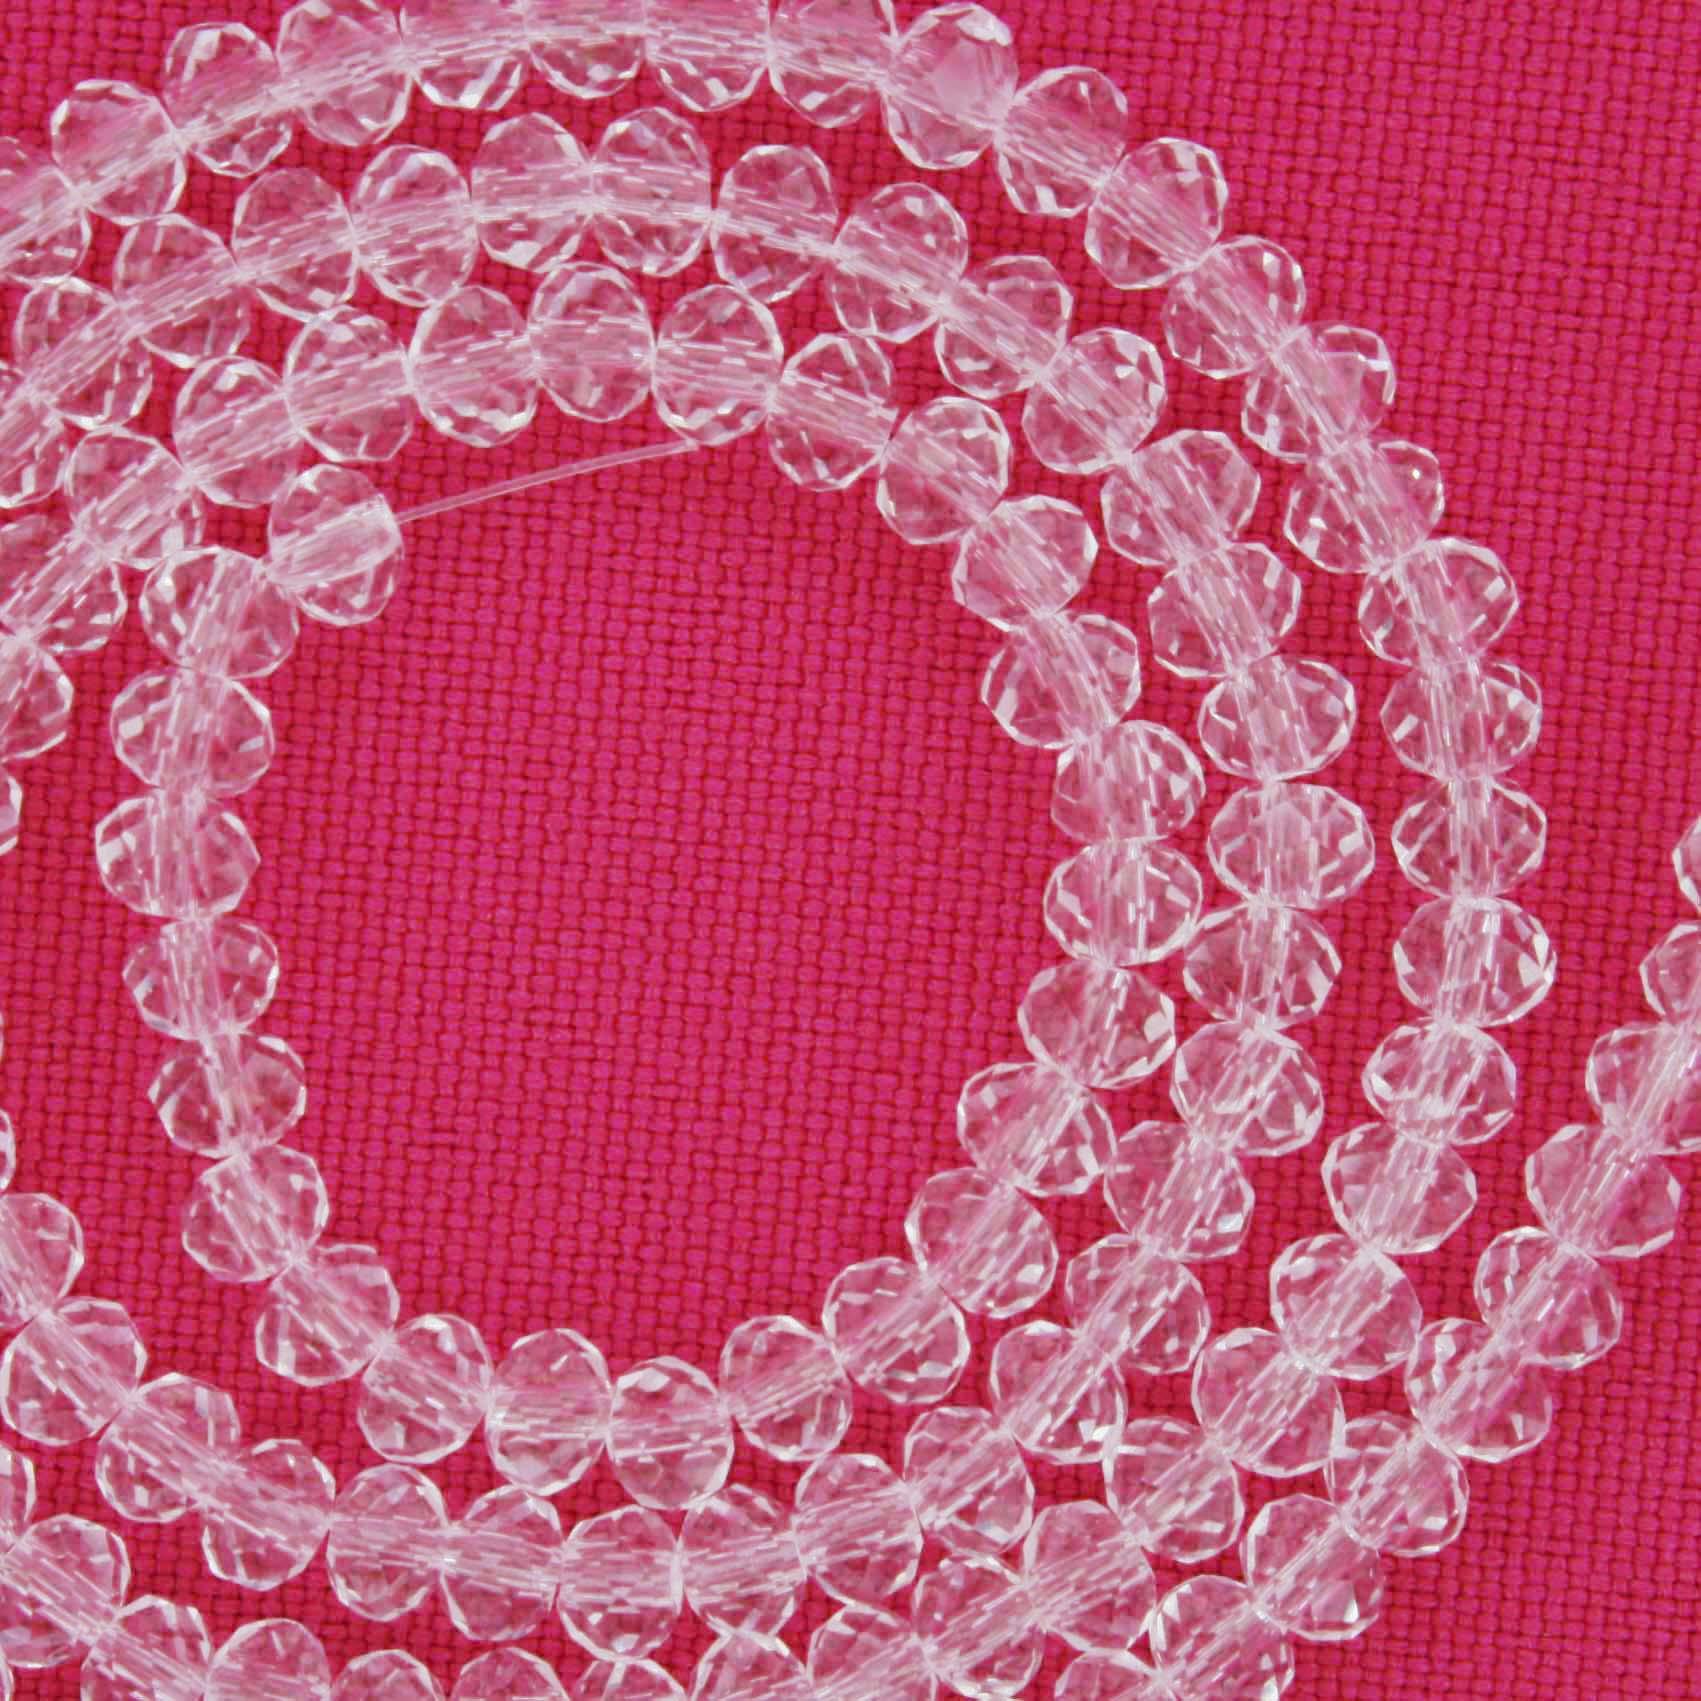 Fio de Cristal - Flat® - Transparente - 4mm  - Stéphanie Bijoux® - Peças para Bijuterias e Artesanato